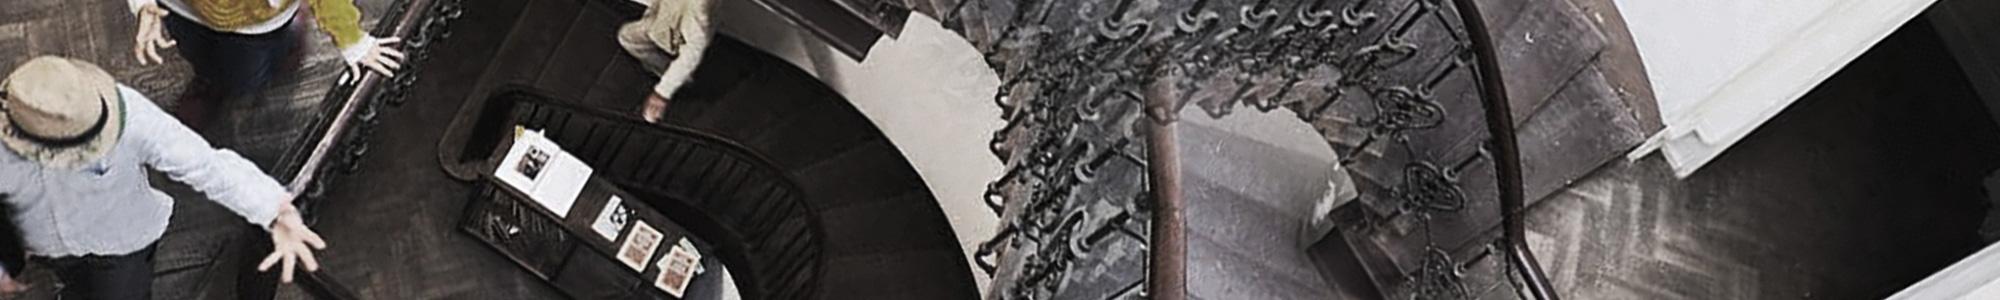 Hintergrund-ausstellung